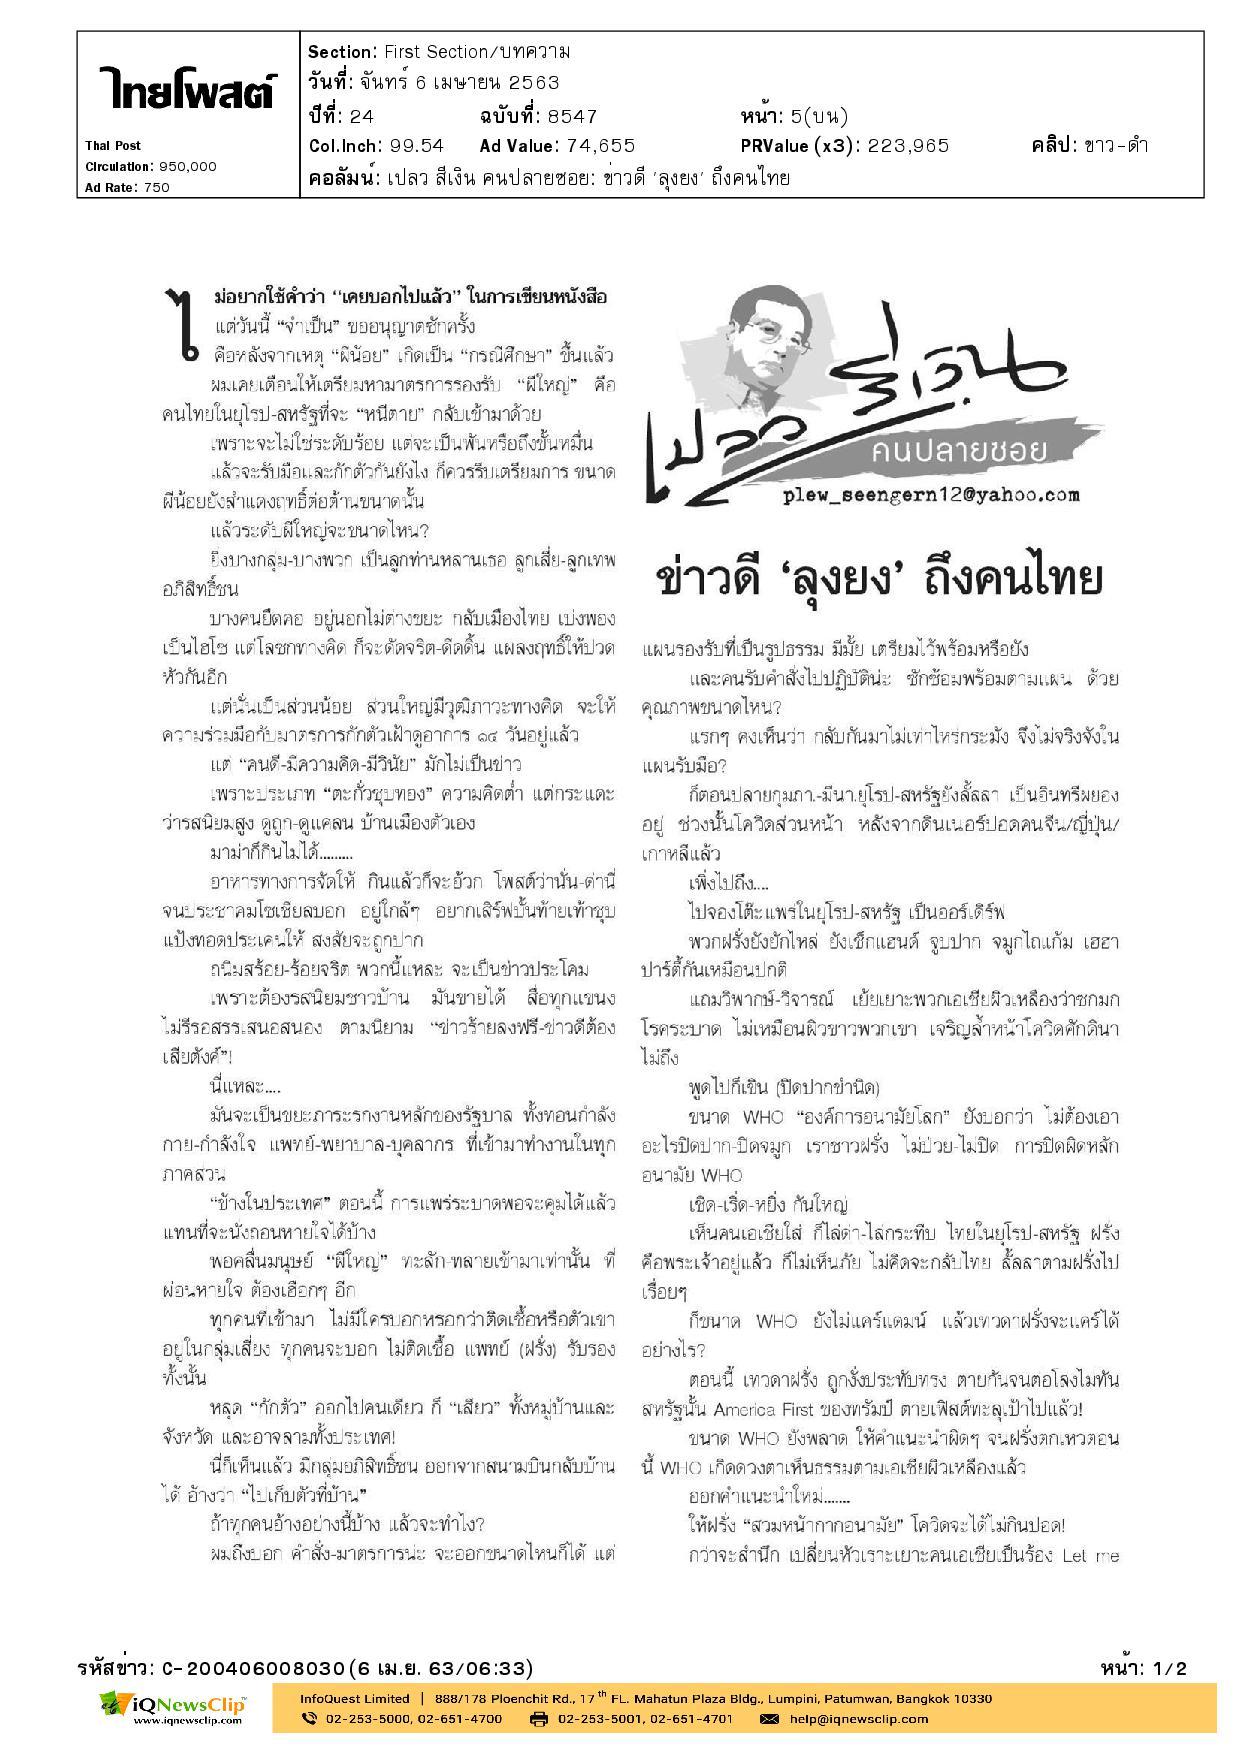 """คอลัมน์ """"เปลว-สีเงิน เรื่อง ข่าวดี ลุงยง ถึงคนไทย"""""""